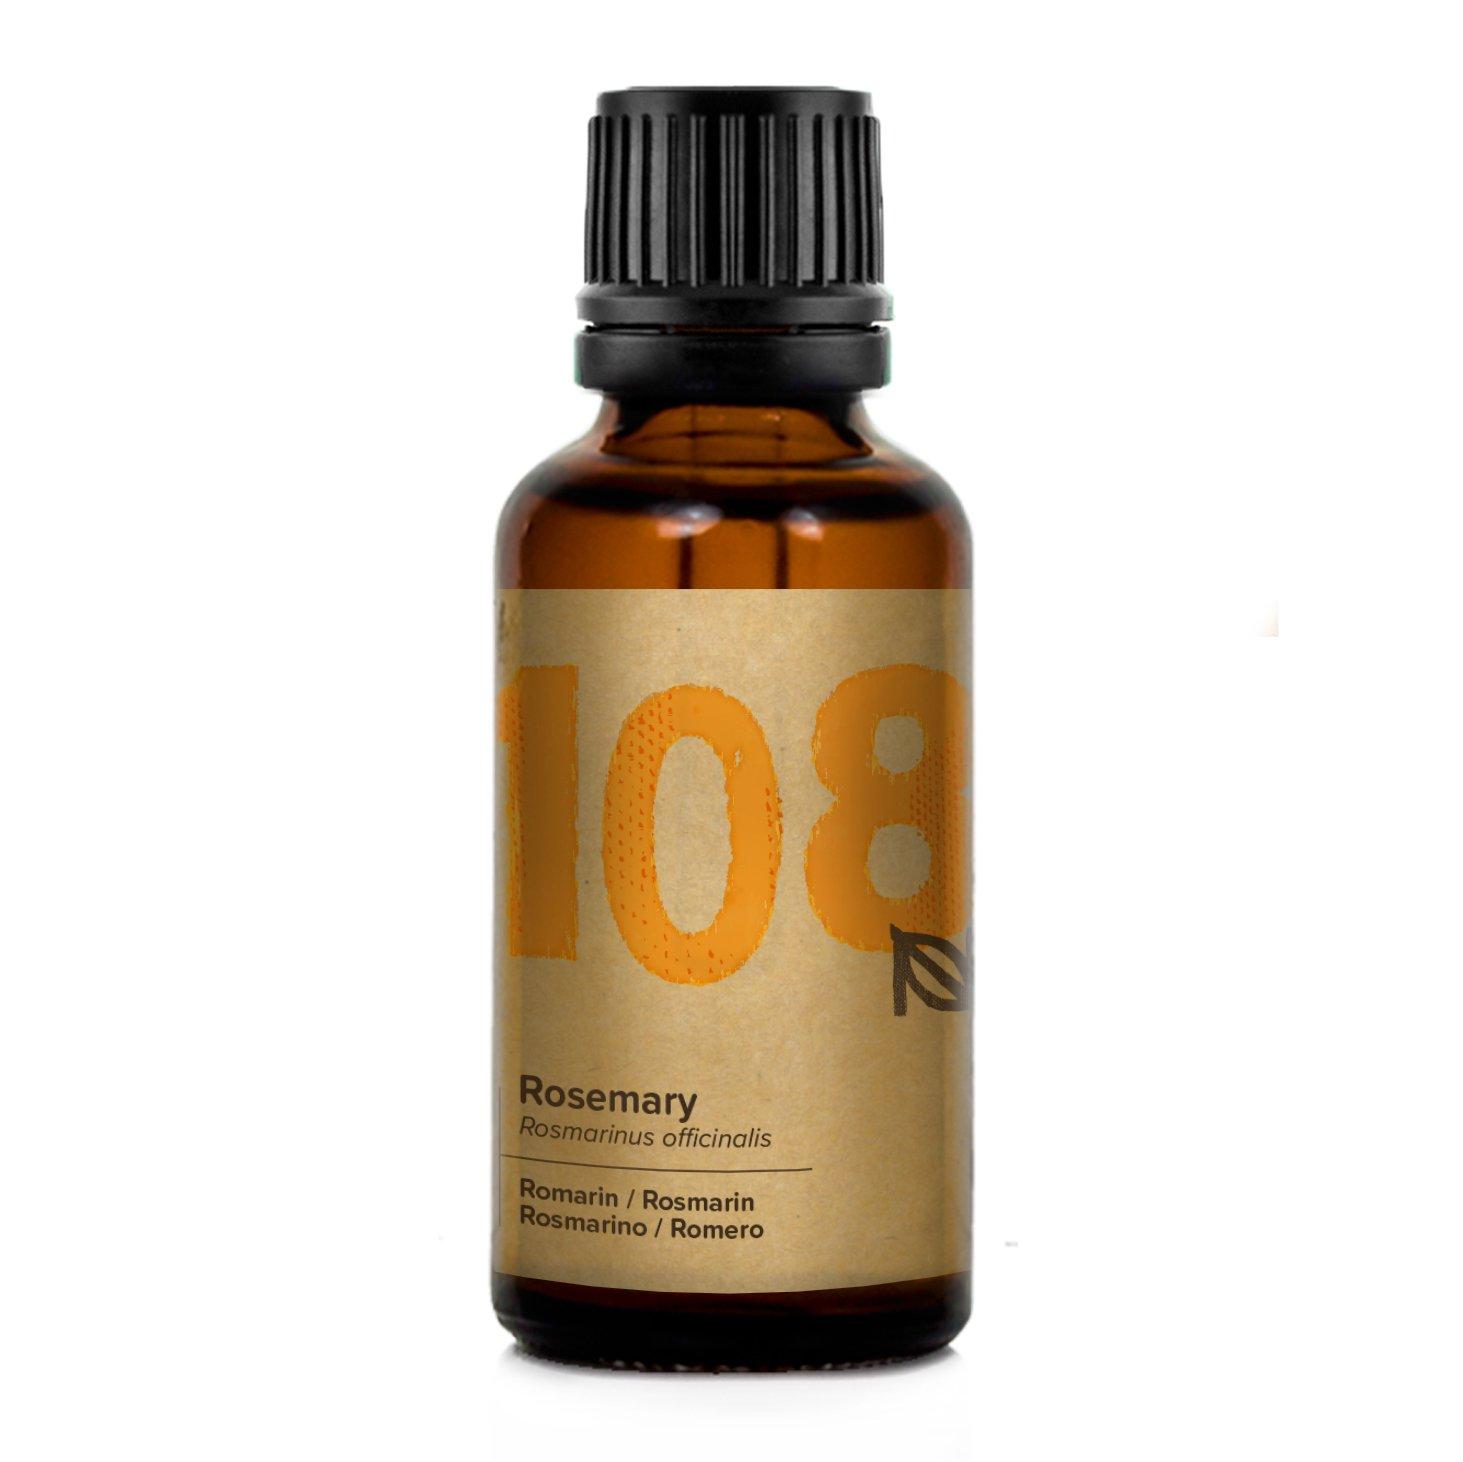 Naissance Aceite Esencial de Romero n. º 108 - 30ml - 100% Puro, vegano y no OGM: Amazon.es: Belleza